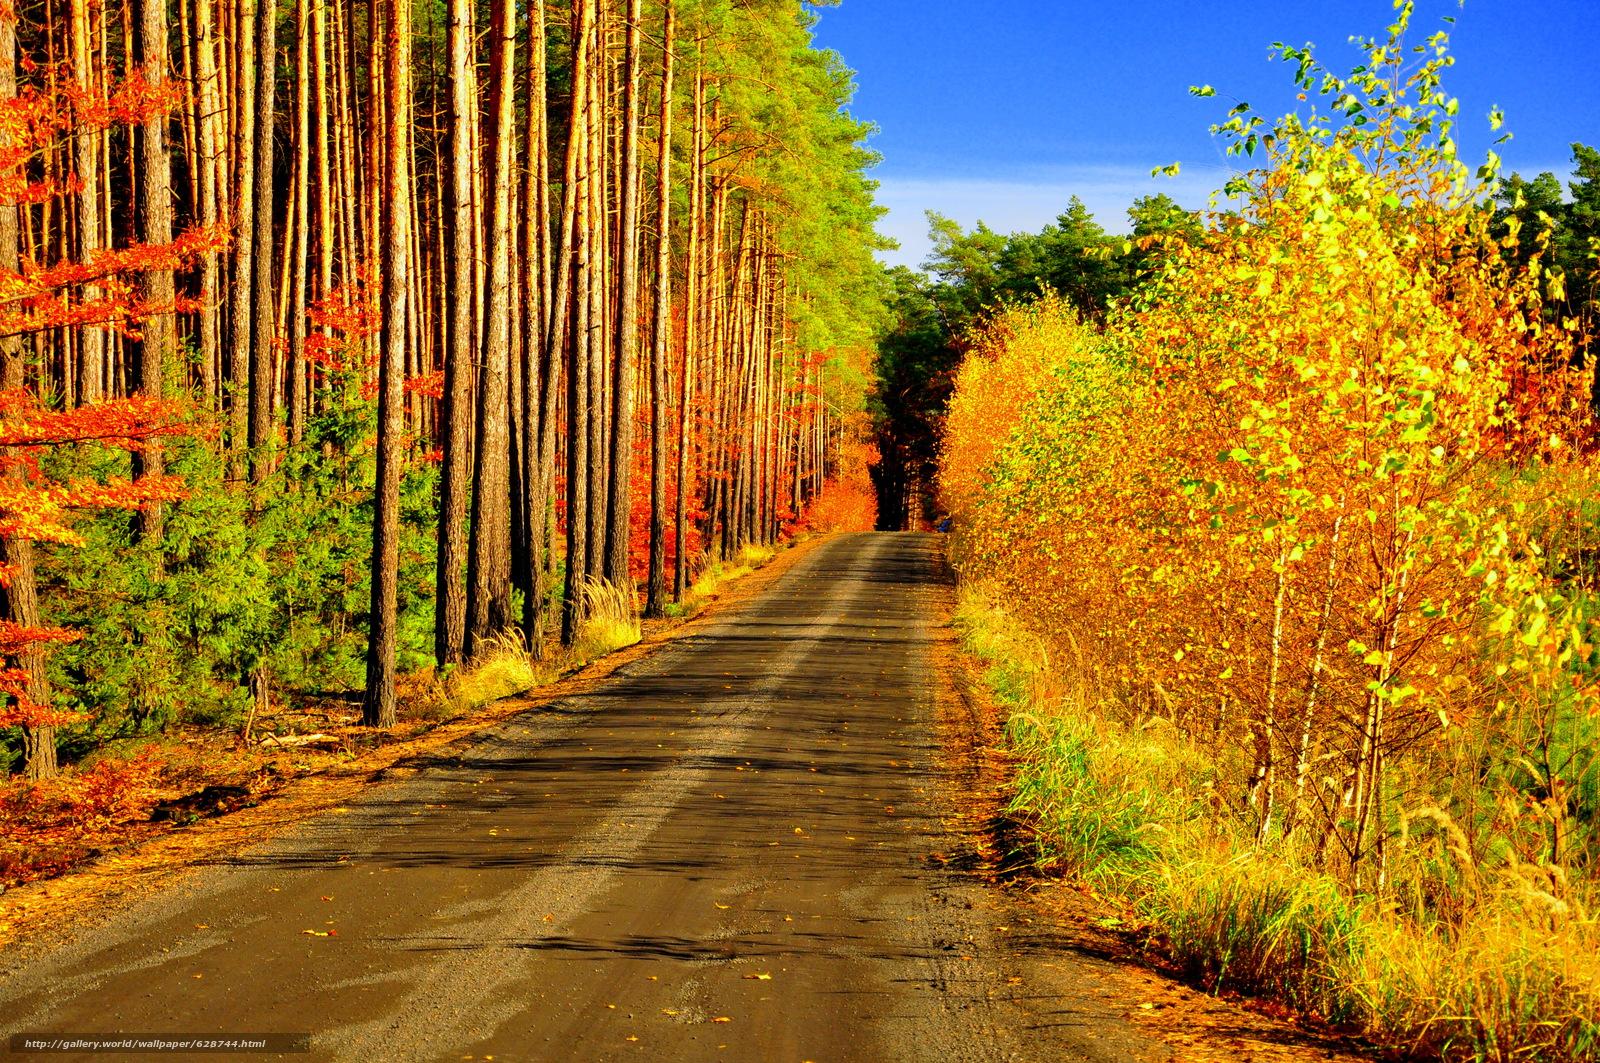 floresta, ?rvores, estrada, paisagem, outono